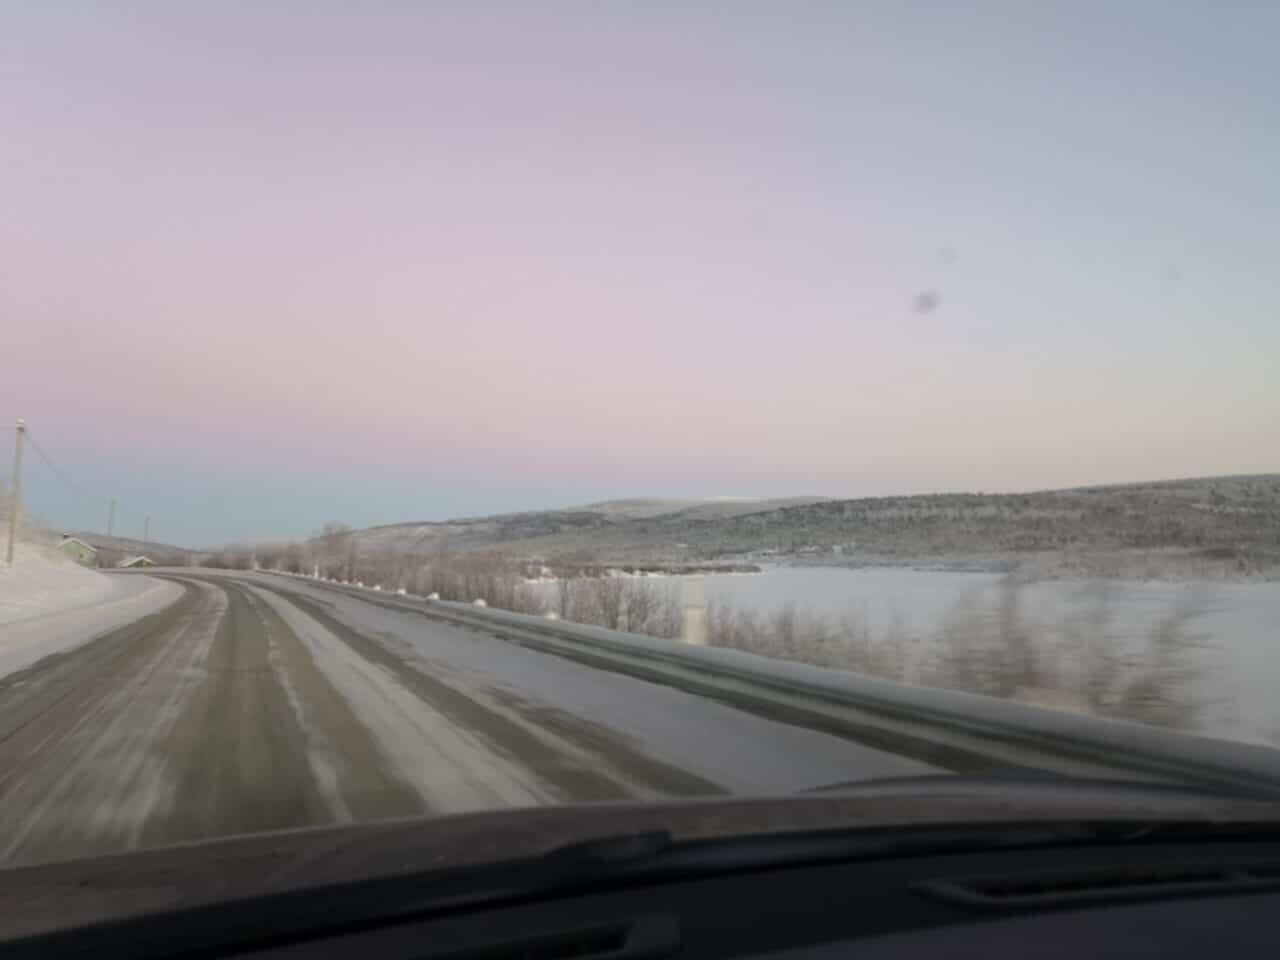 Jokamies - Teslalla talvella Nordkappiin - Jokilaakso